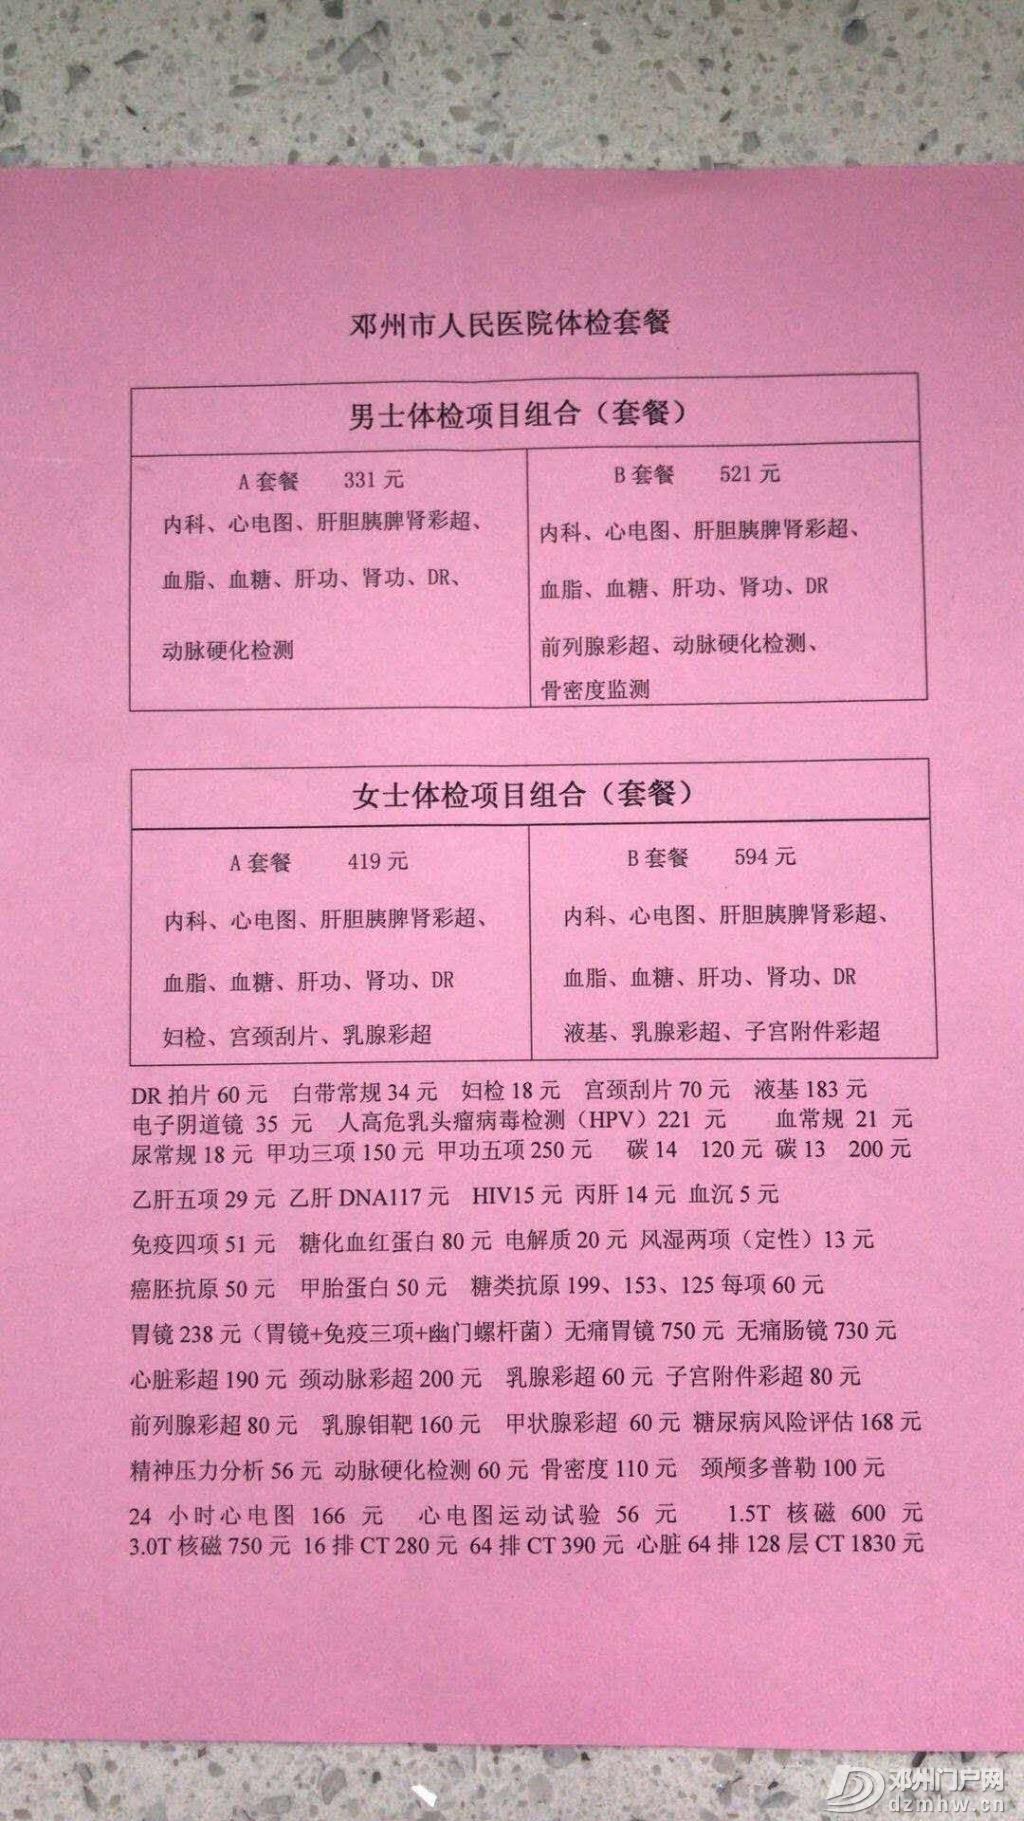 邓州体检单价格表,人民医院的 - 邓州门户网|邓州网 - E0300851-2E85-46C3-A1AE-2AA9856CBF92.jpeg